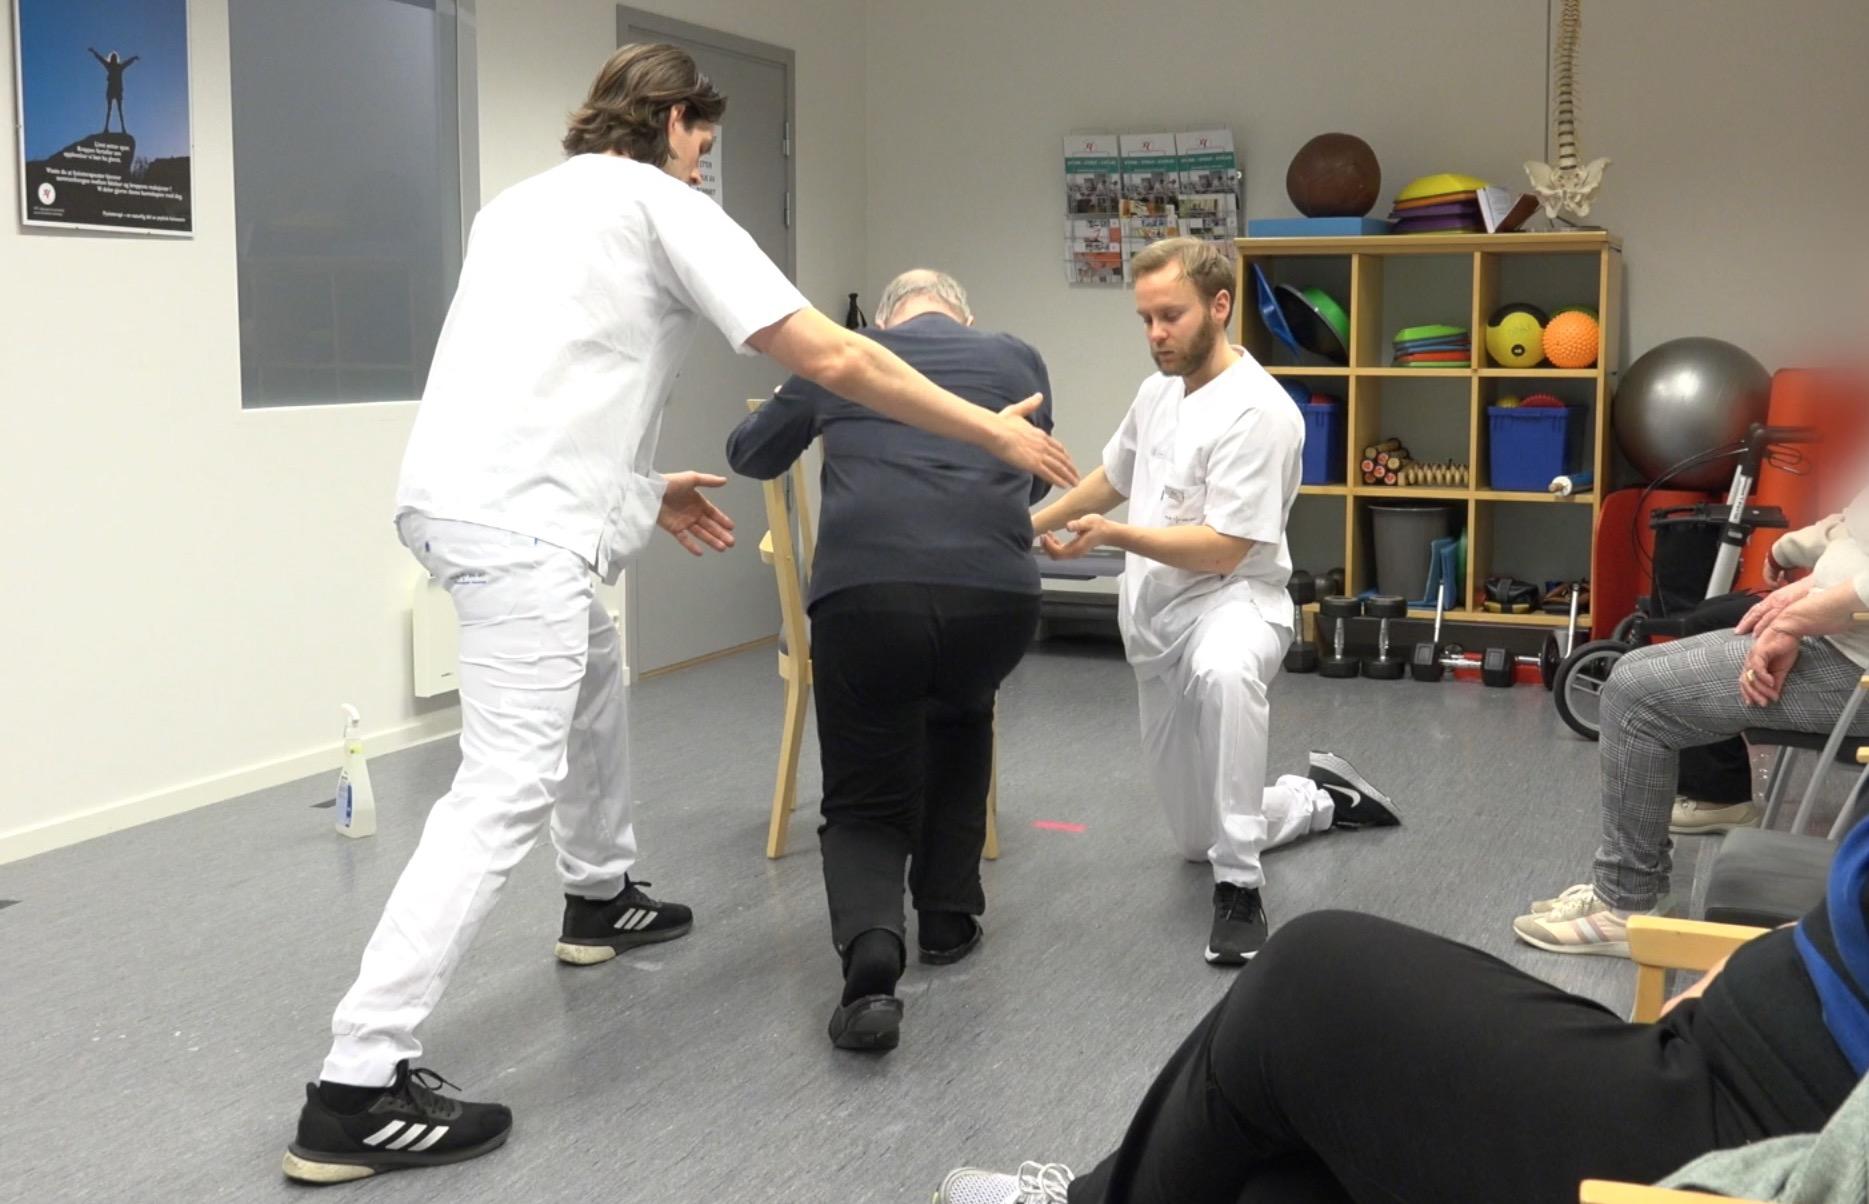 Bilde av videoforedrag om fysisk aktivitet og psyikisk helse